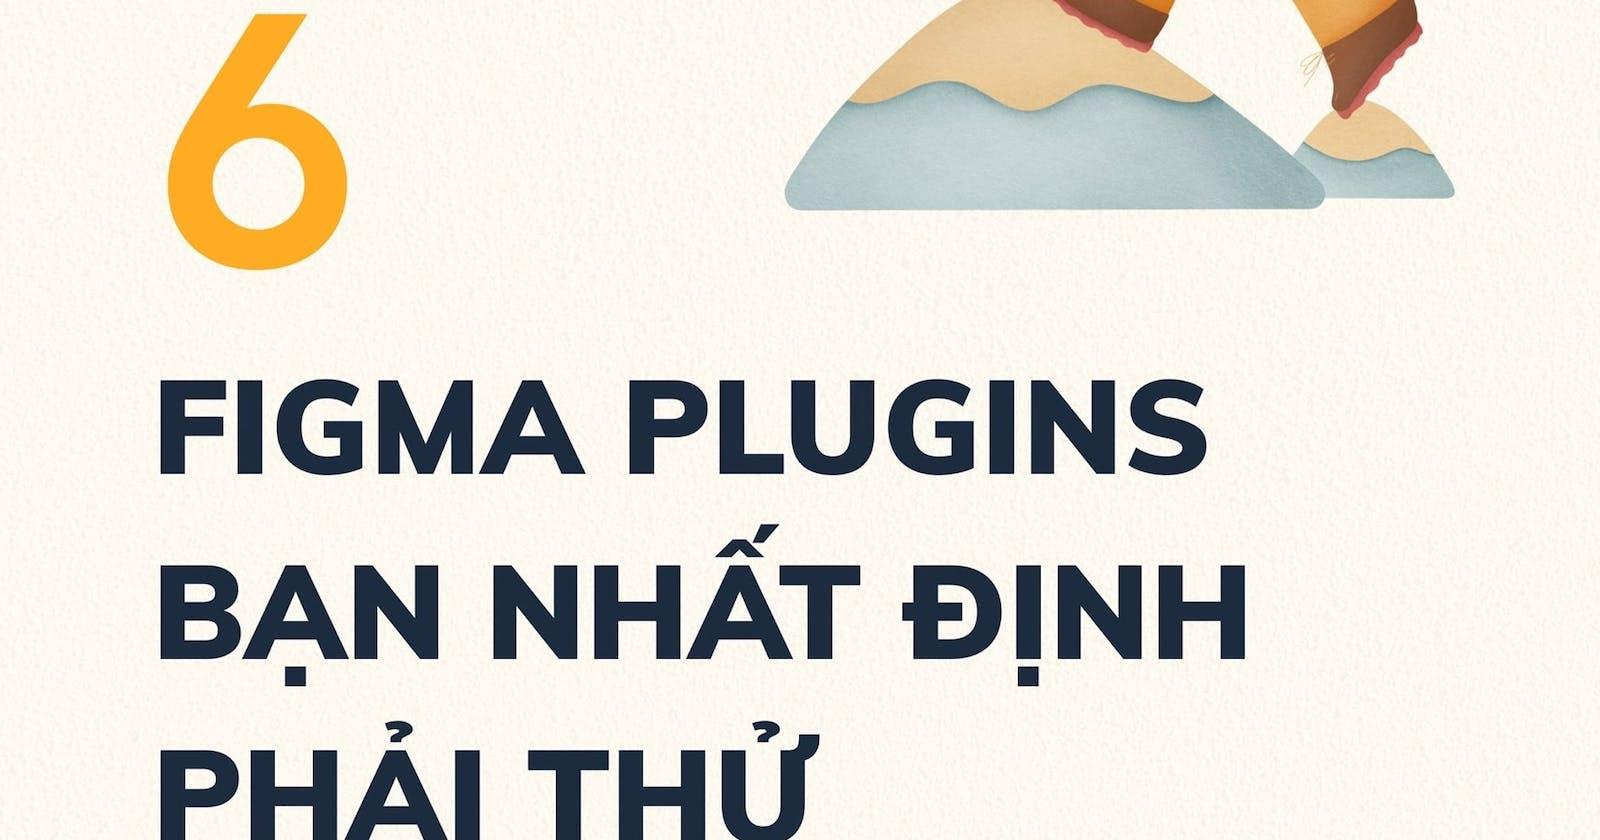 6 Figma Plugins Bạn Nhất Định Phải Thử